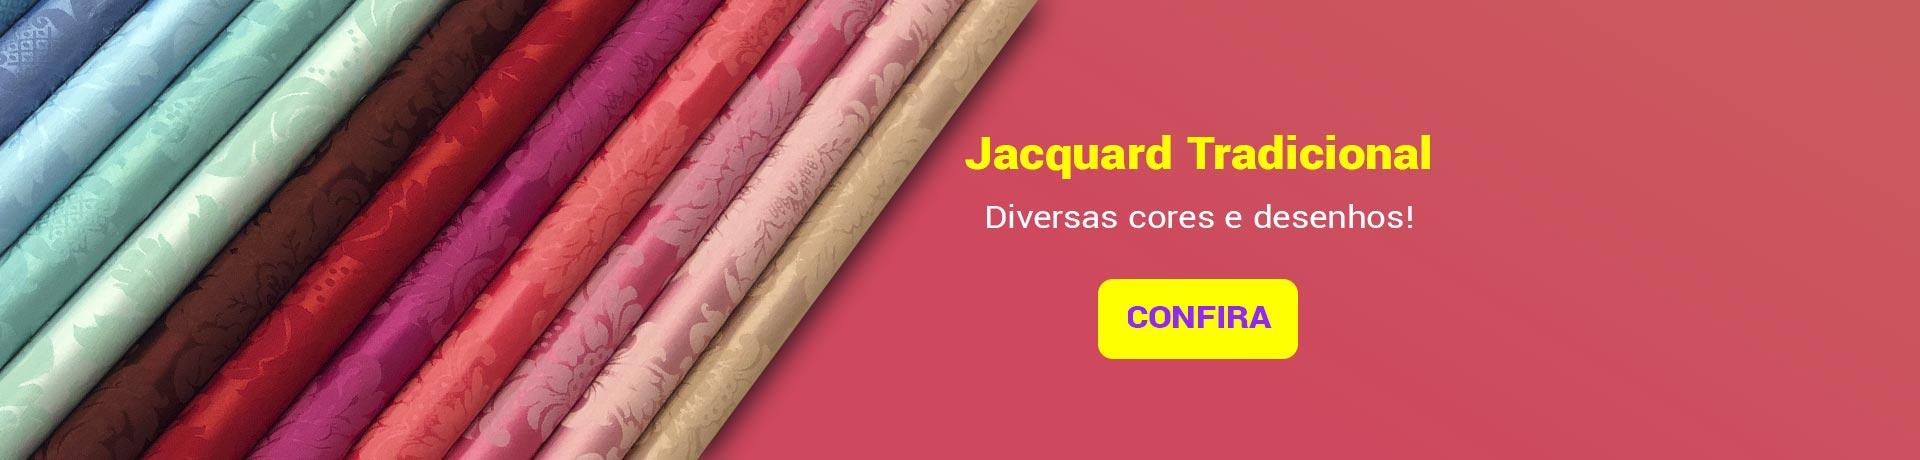 Jacquard Tradicional - Enrolado Tecidos